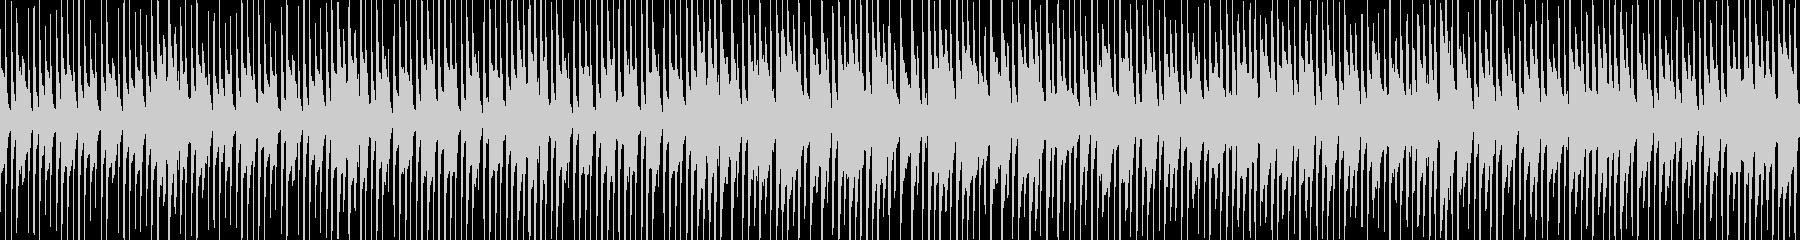 日常のシュチュエーション曲2の未再生の波形